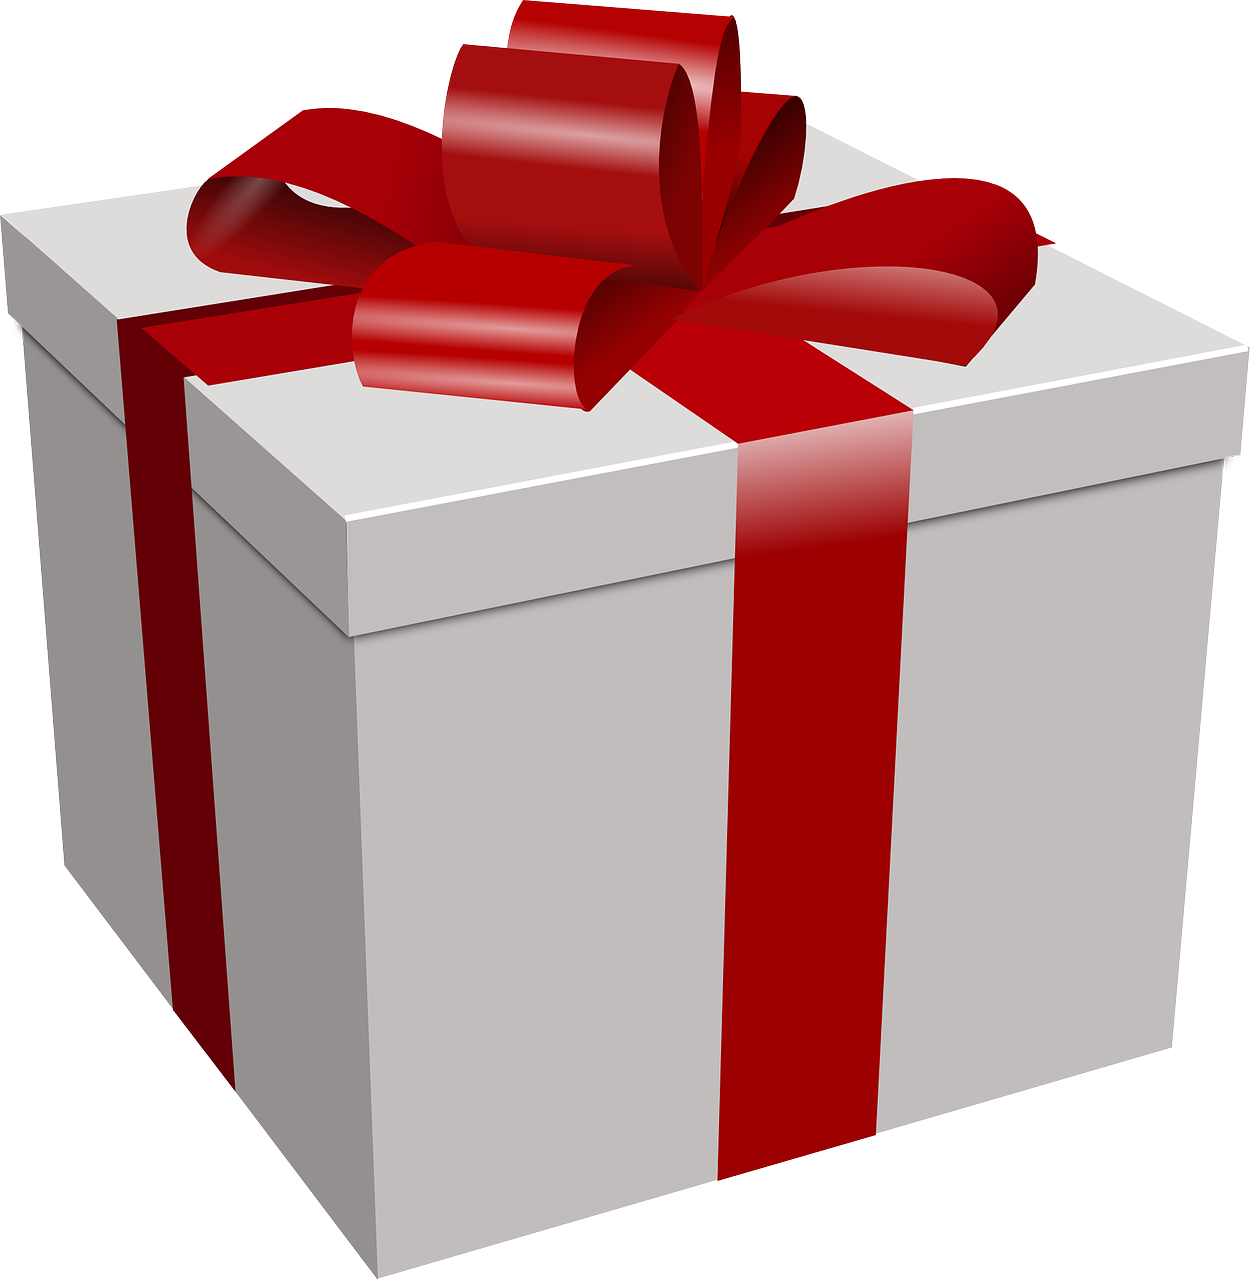 Png transparent images pluspng. Clipart present regalo